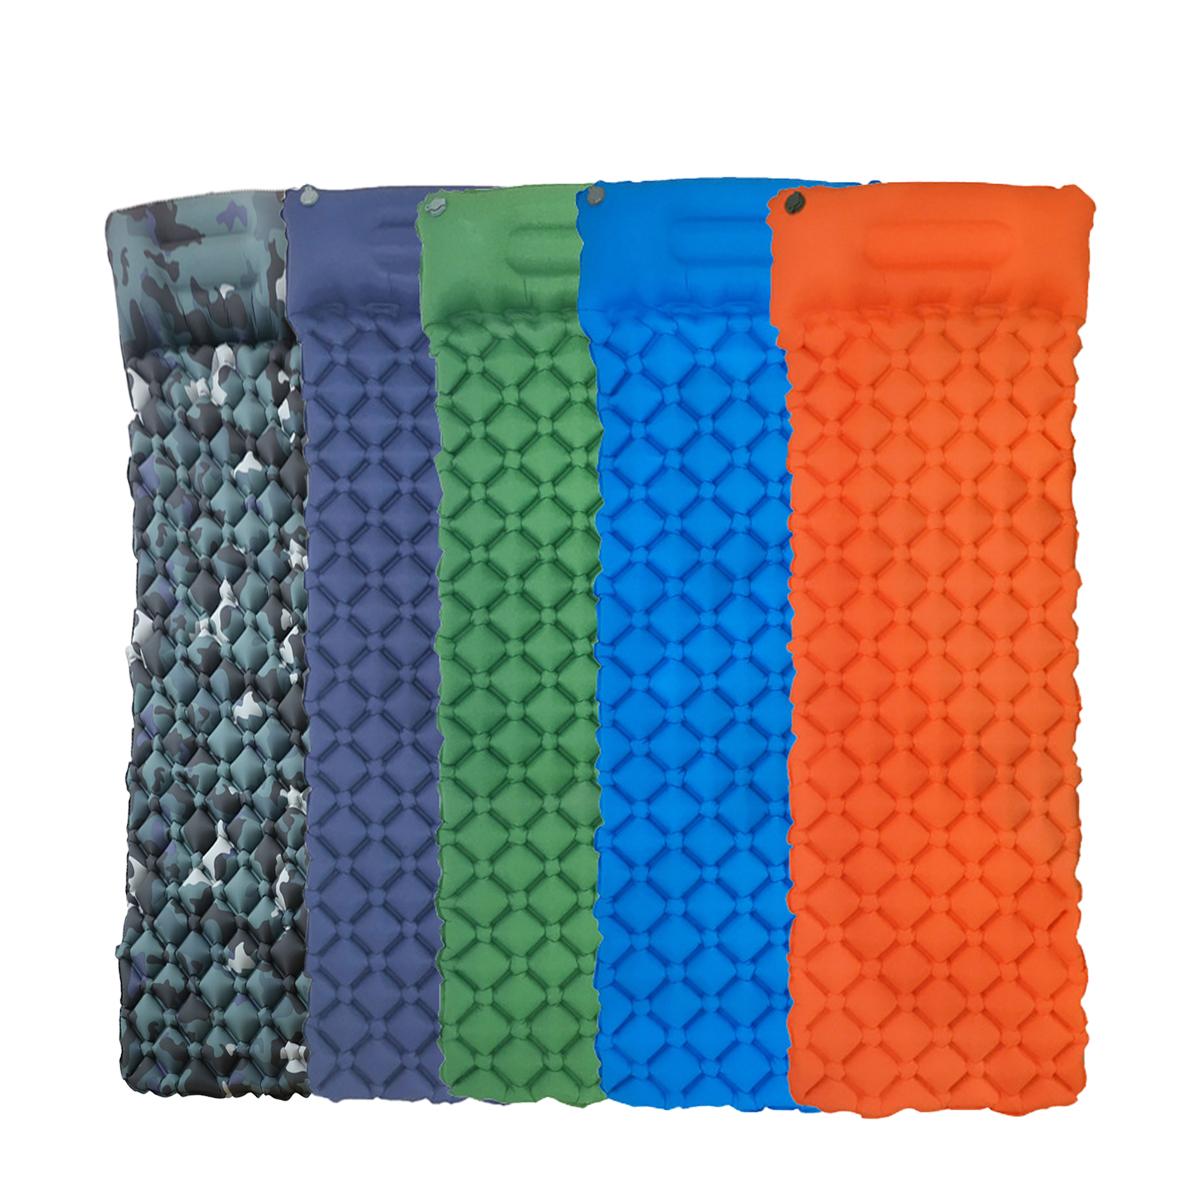 Надувные матрасы ТПУ На открытом воздухе Надувная подушка Кемпинг Коврик для пикника Пляжный Коврик с подушкой